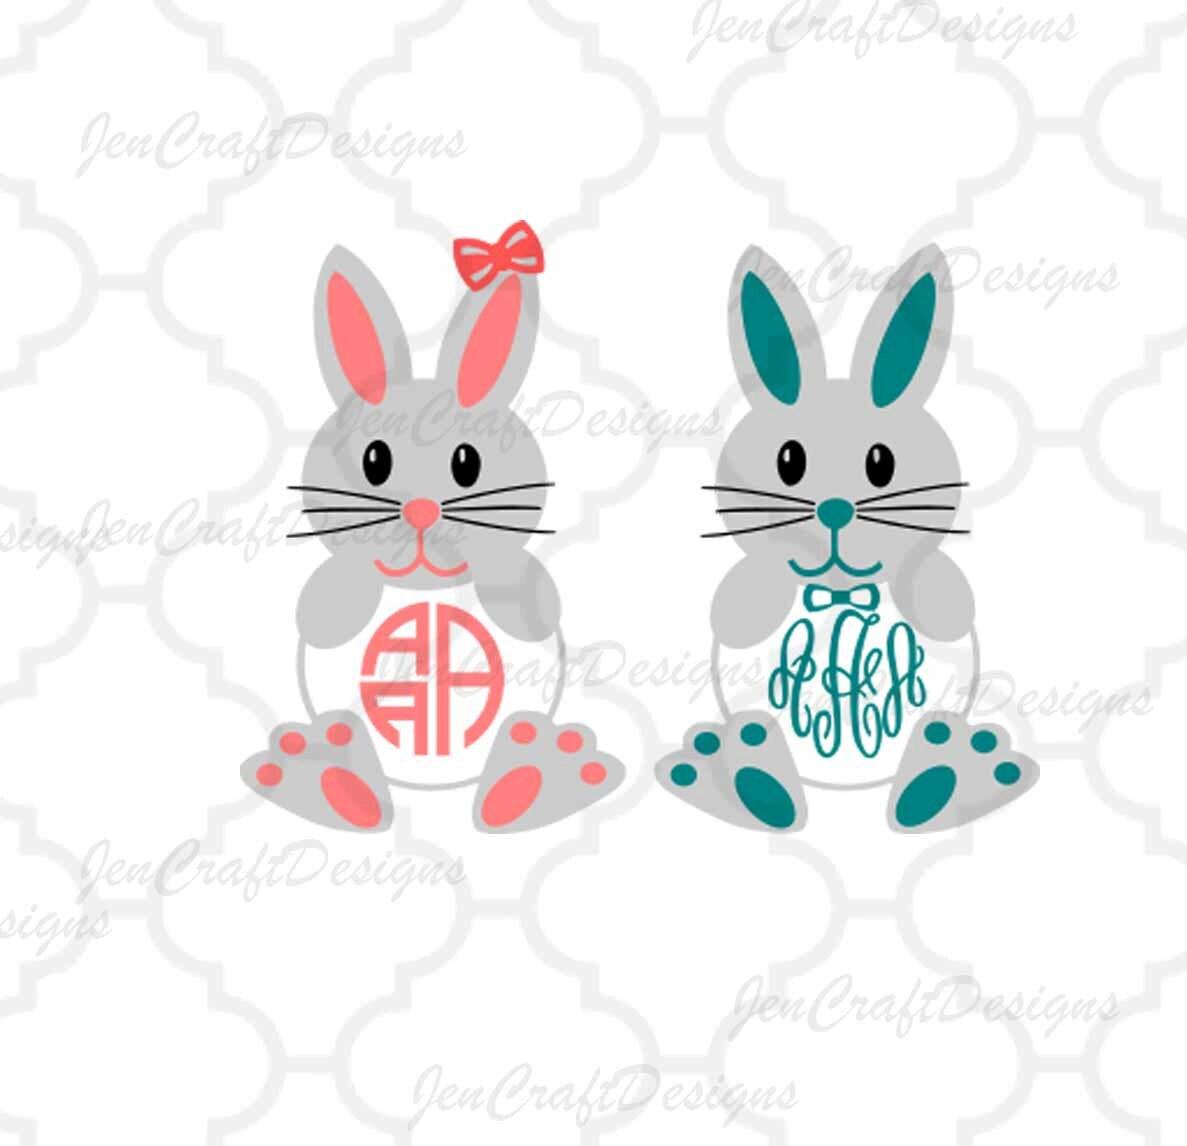 easter bunny monogram frames svg easter monogram frames easter circle monogram easter svg dxf eps digital download silhouette cricut - Easter Picture Frames